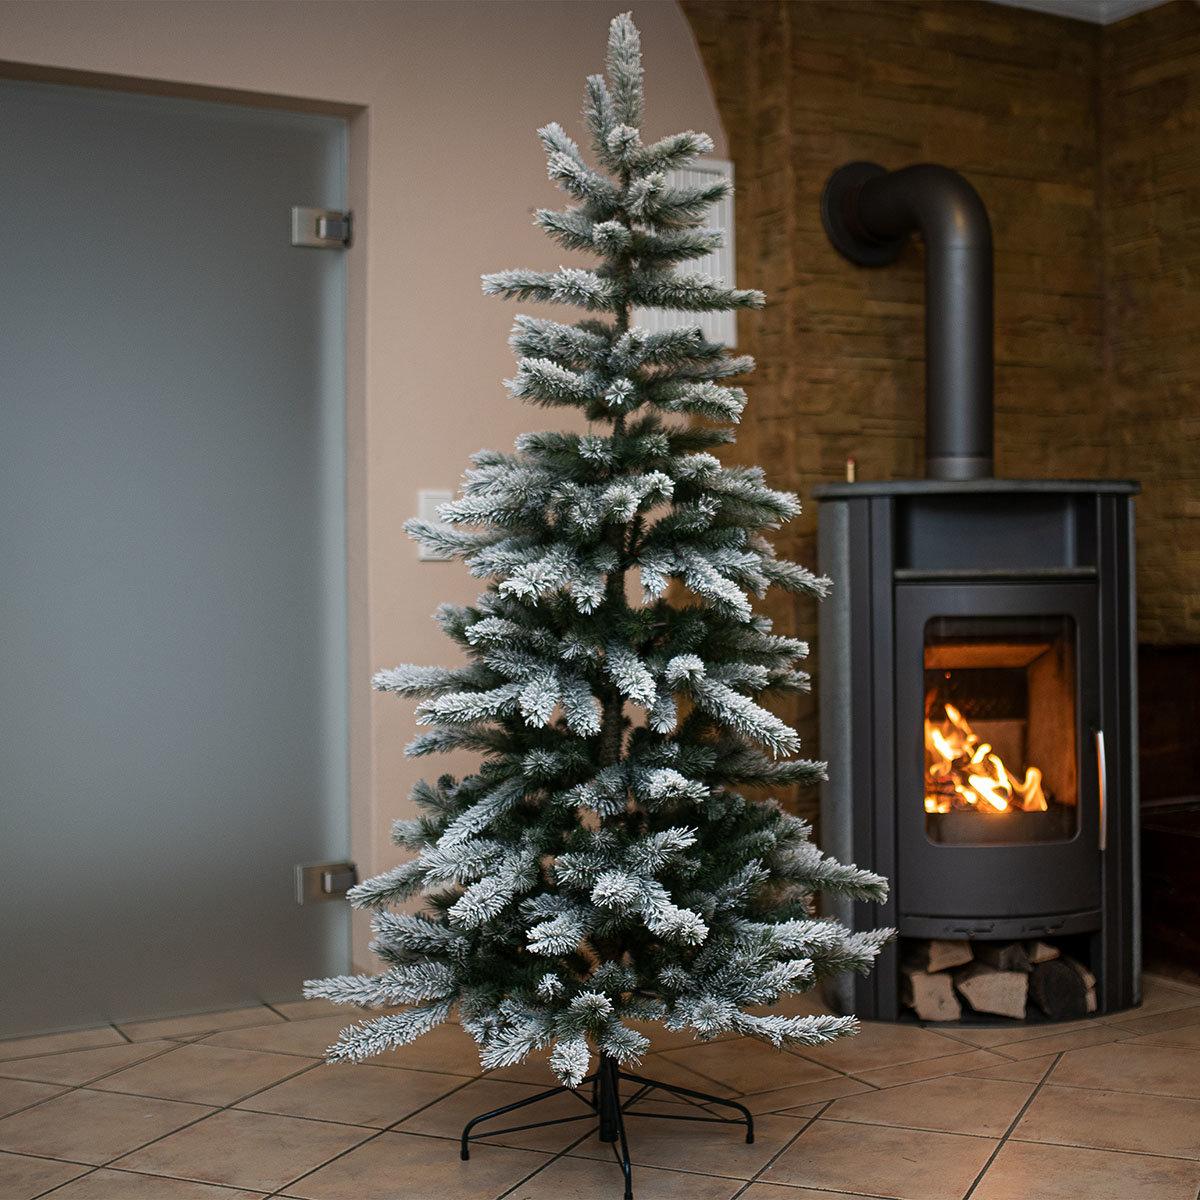 Künstlicher Weihnachtsbaum Kiefer mit Schneeoptik, 150 cm